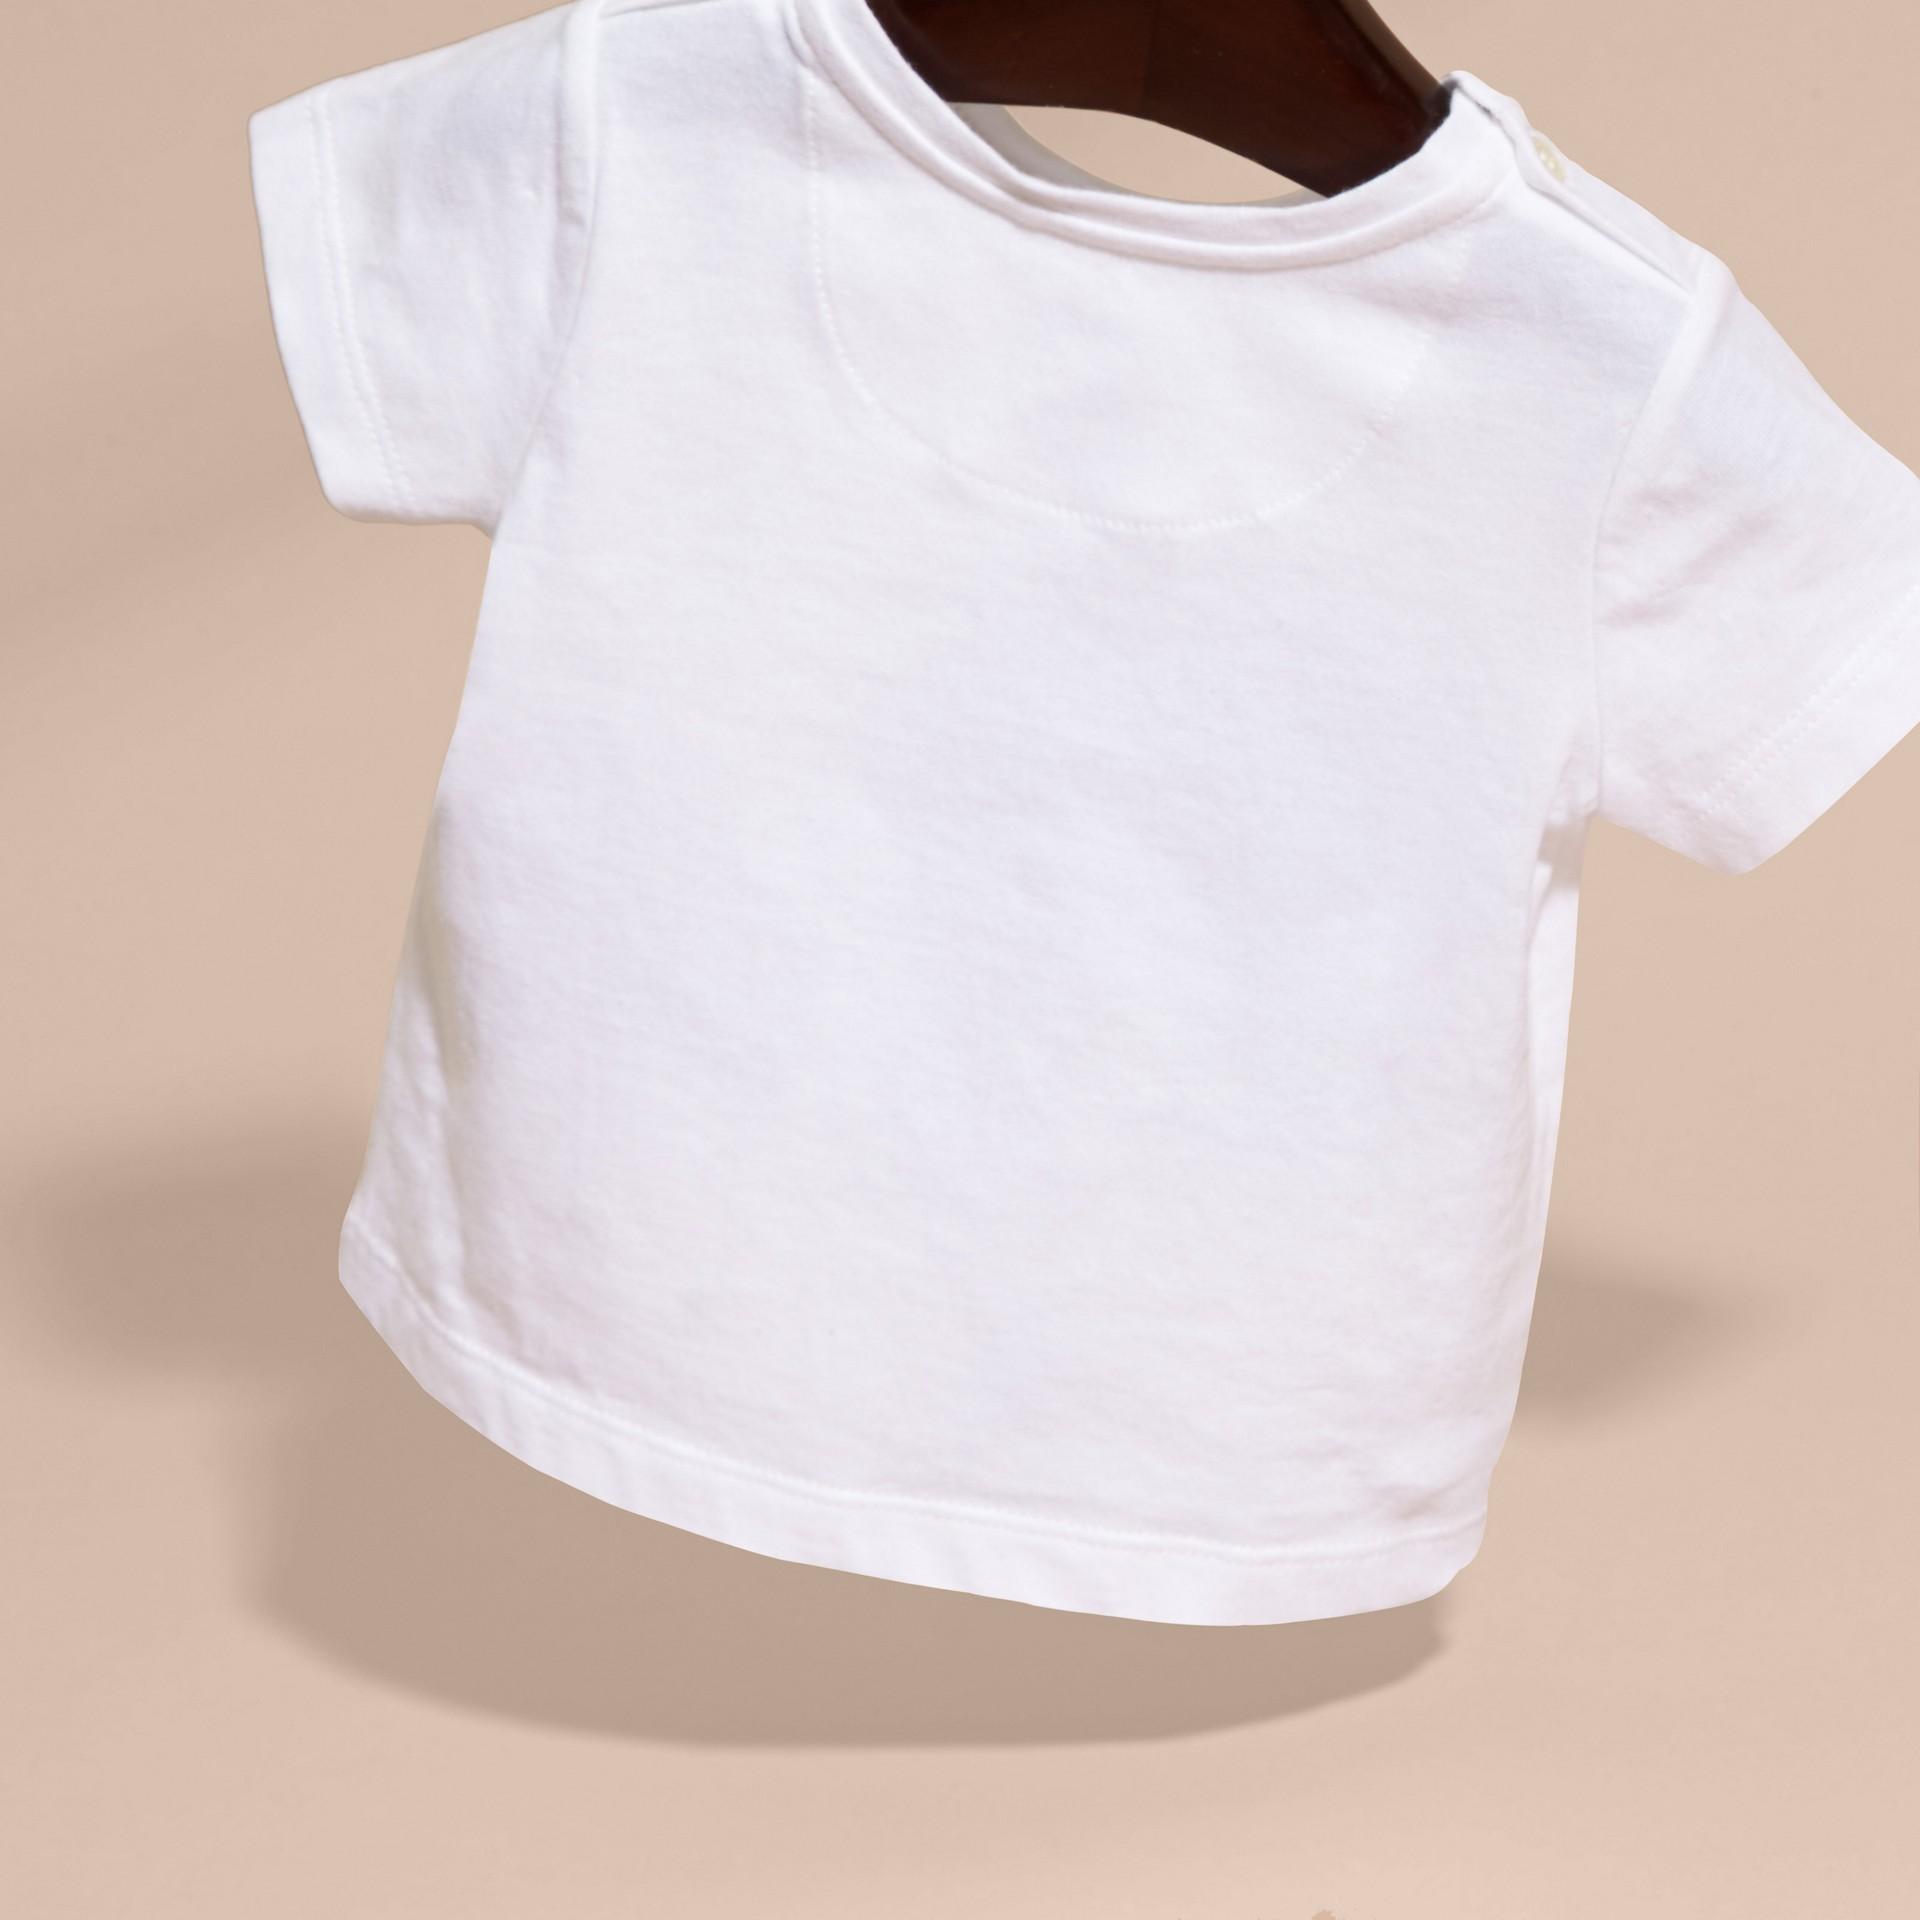 Bianco T-shirt in cotone con cane - immagine della galleria 4